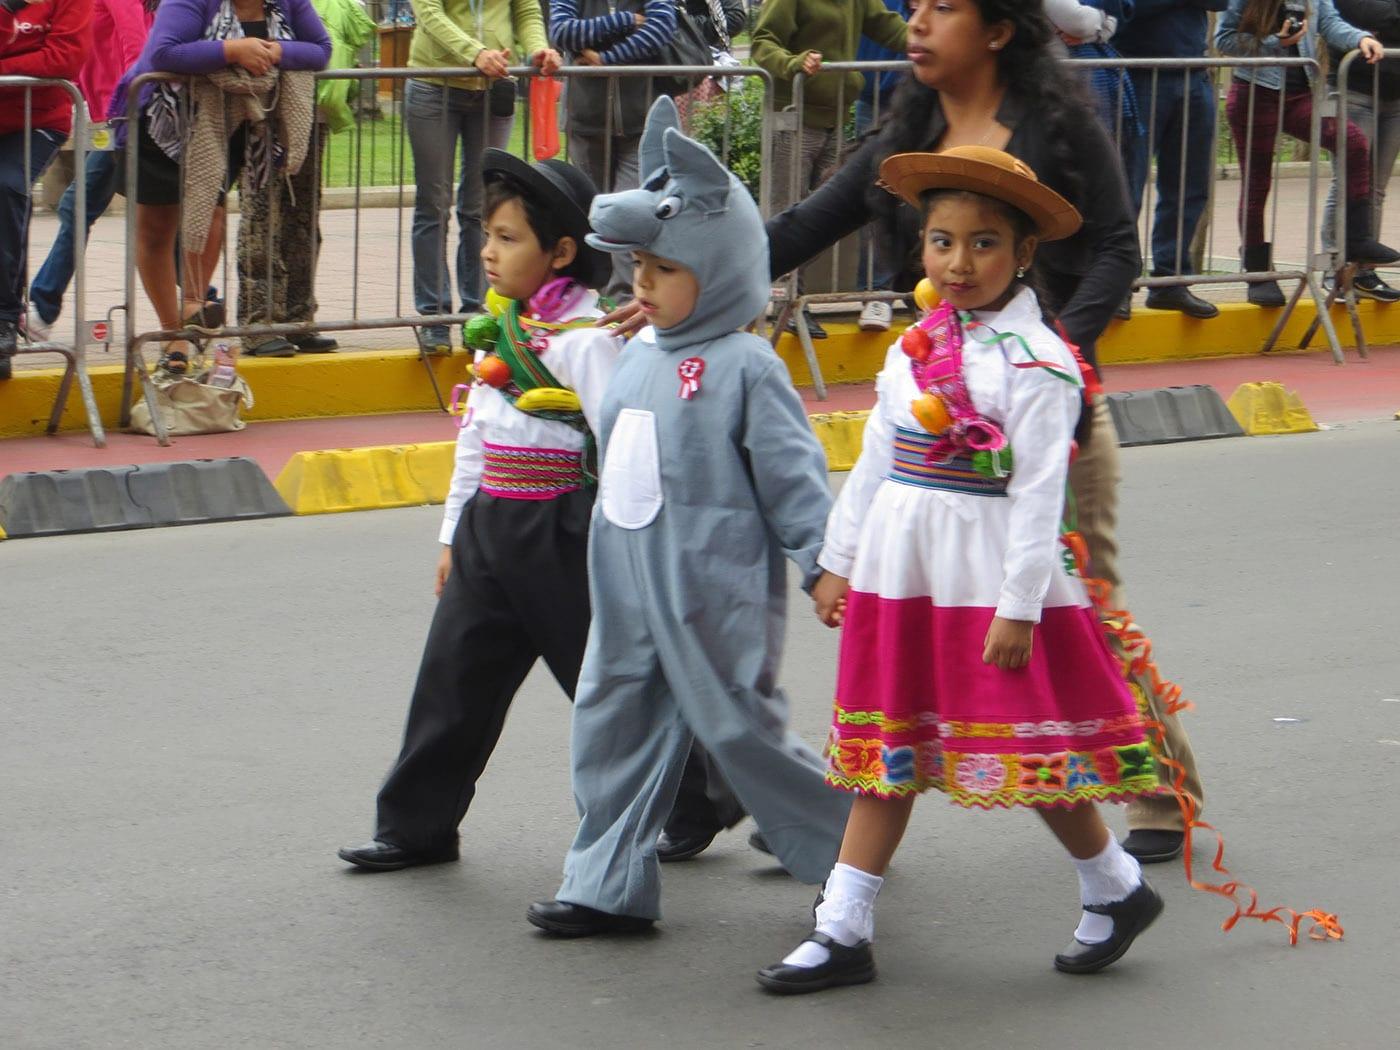 P parade Lima, Peru